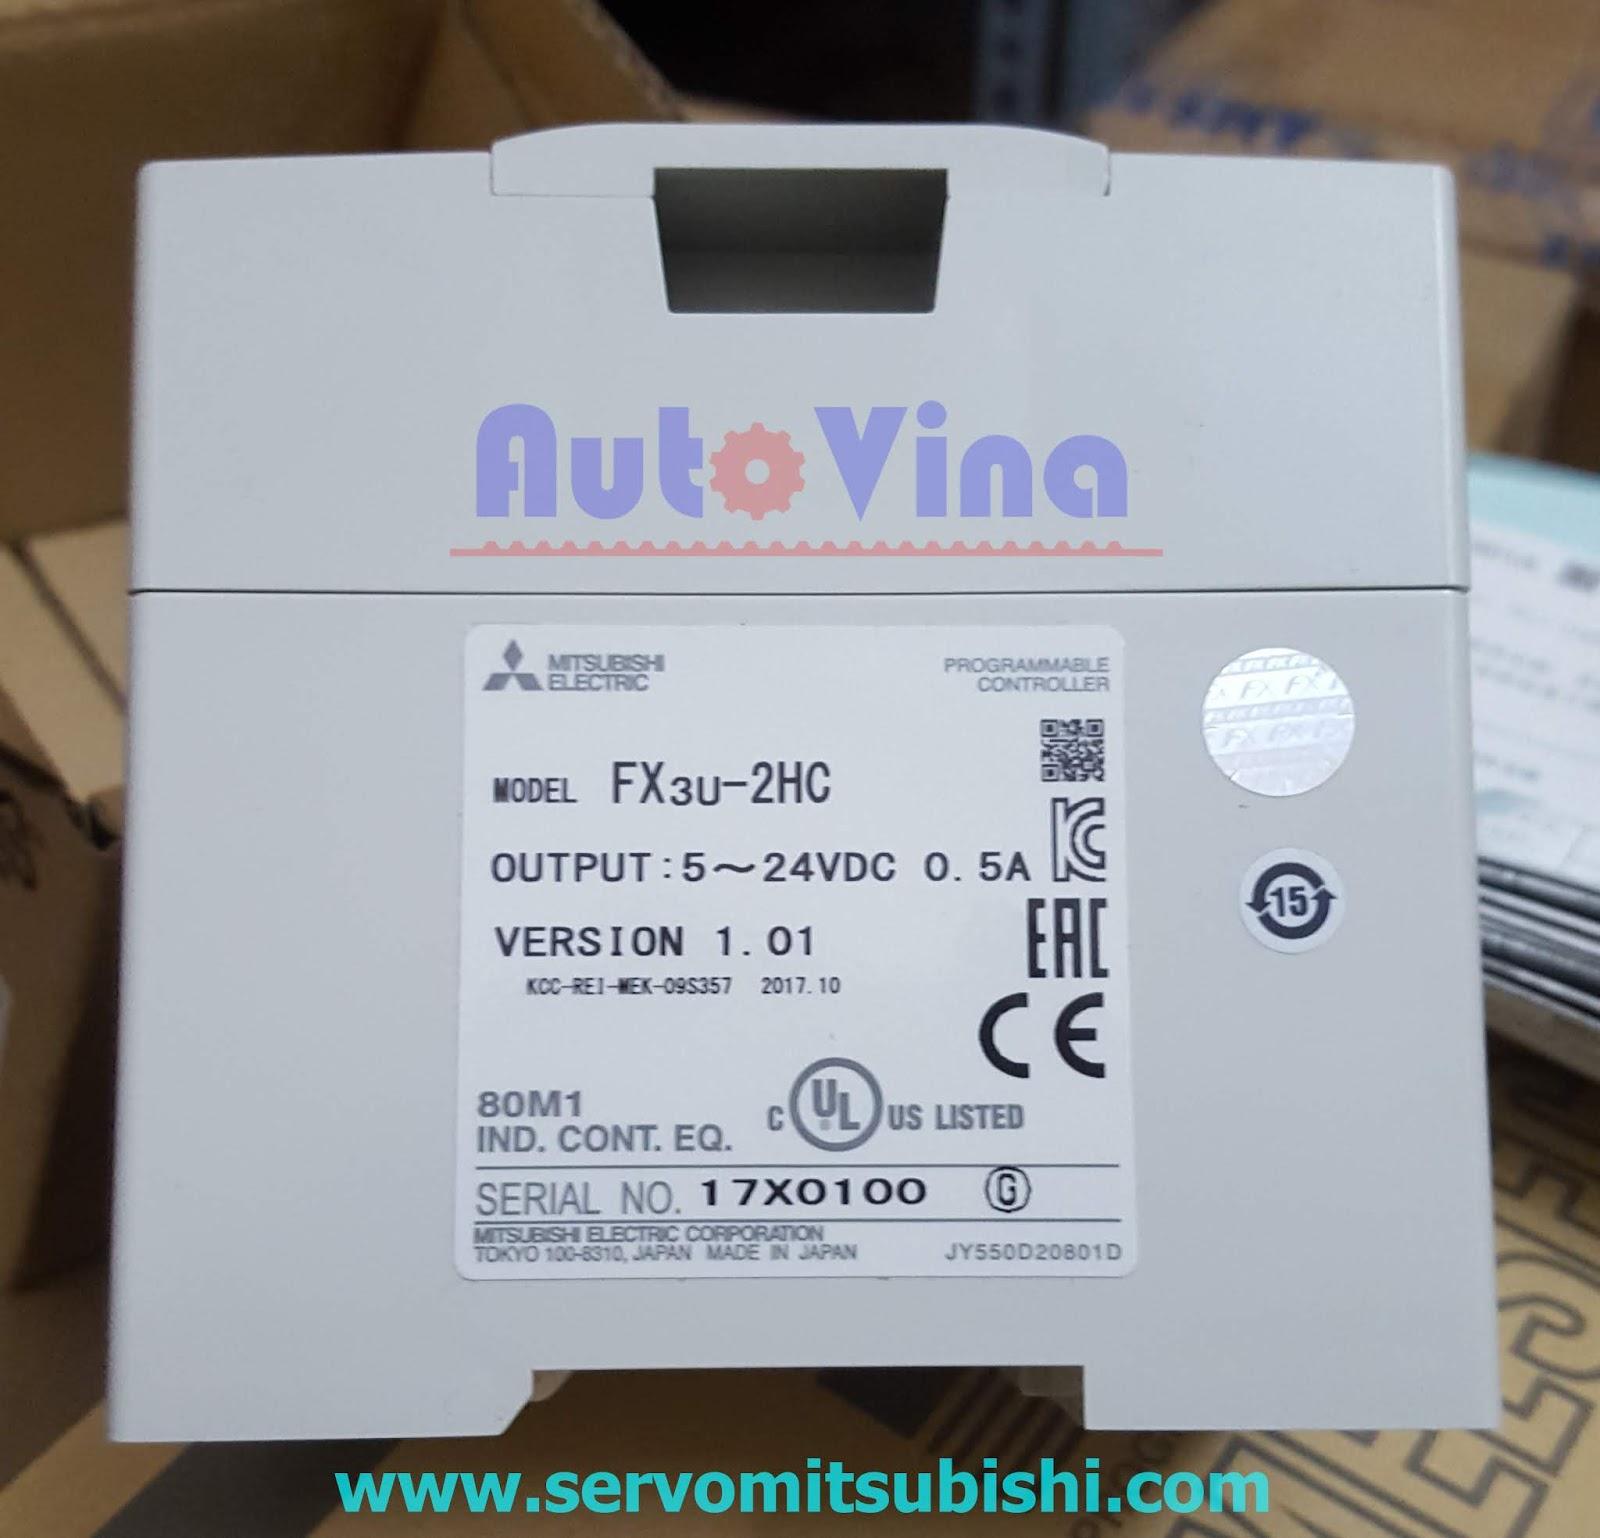 Module mở rộng bộ đếm tốc độ cao cho PLC Mitsubishi FX3U-2HC